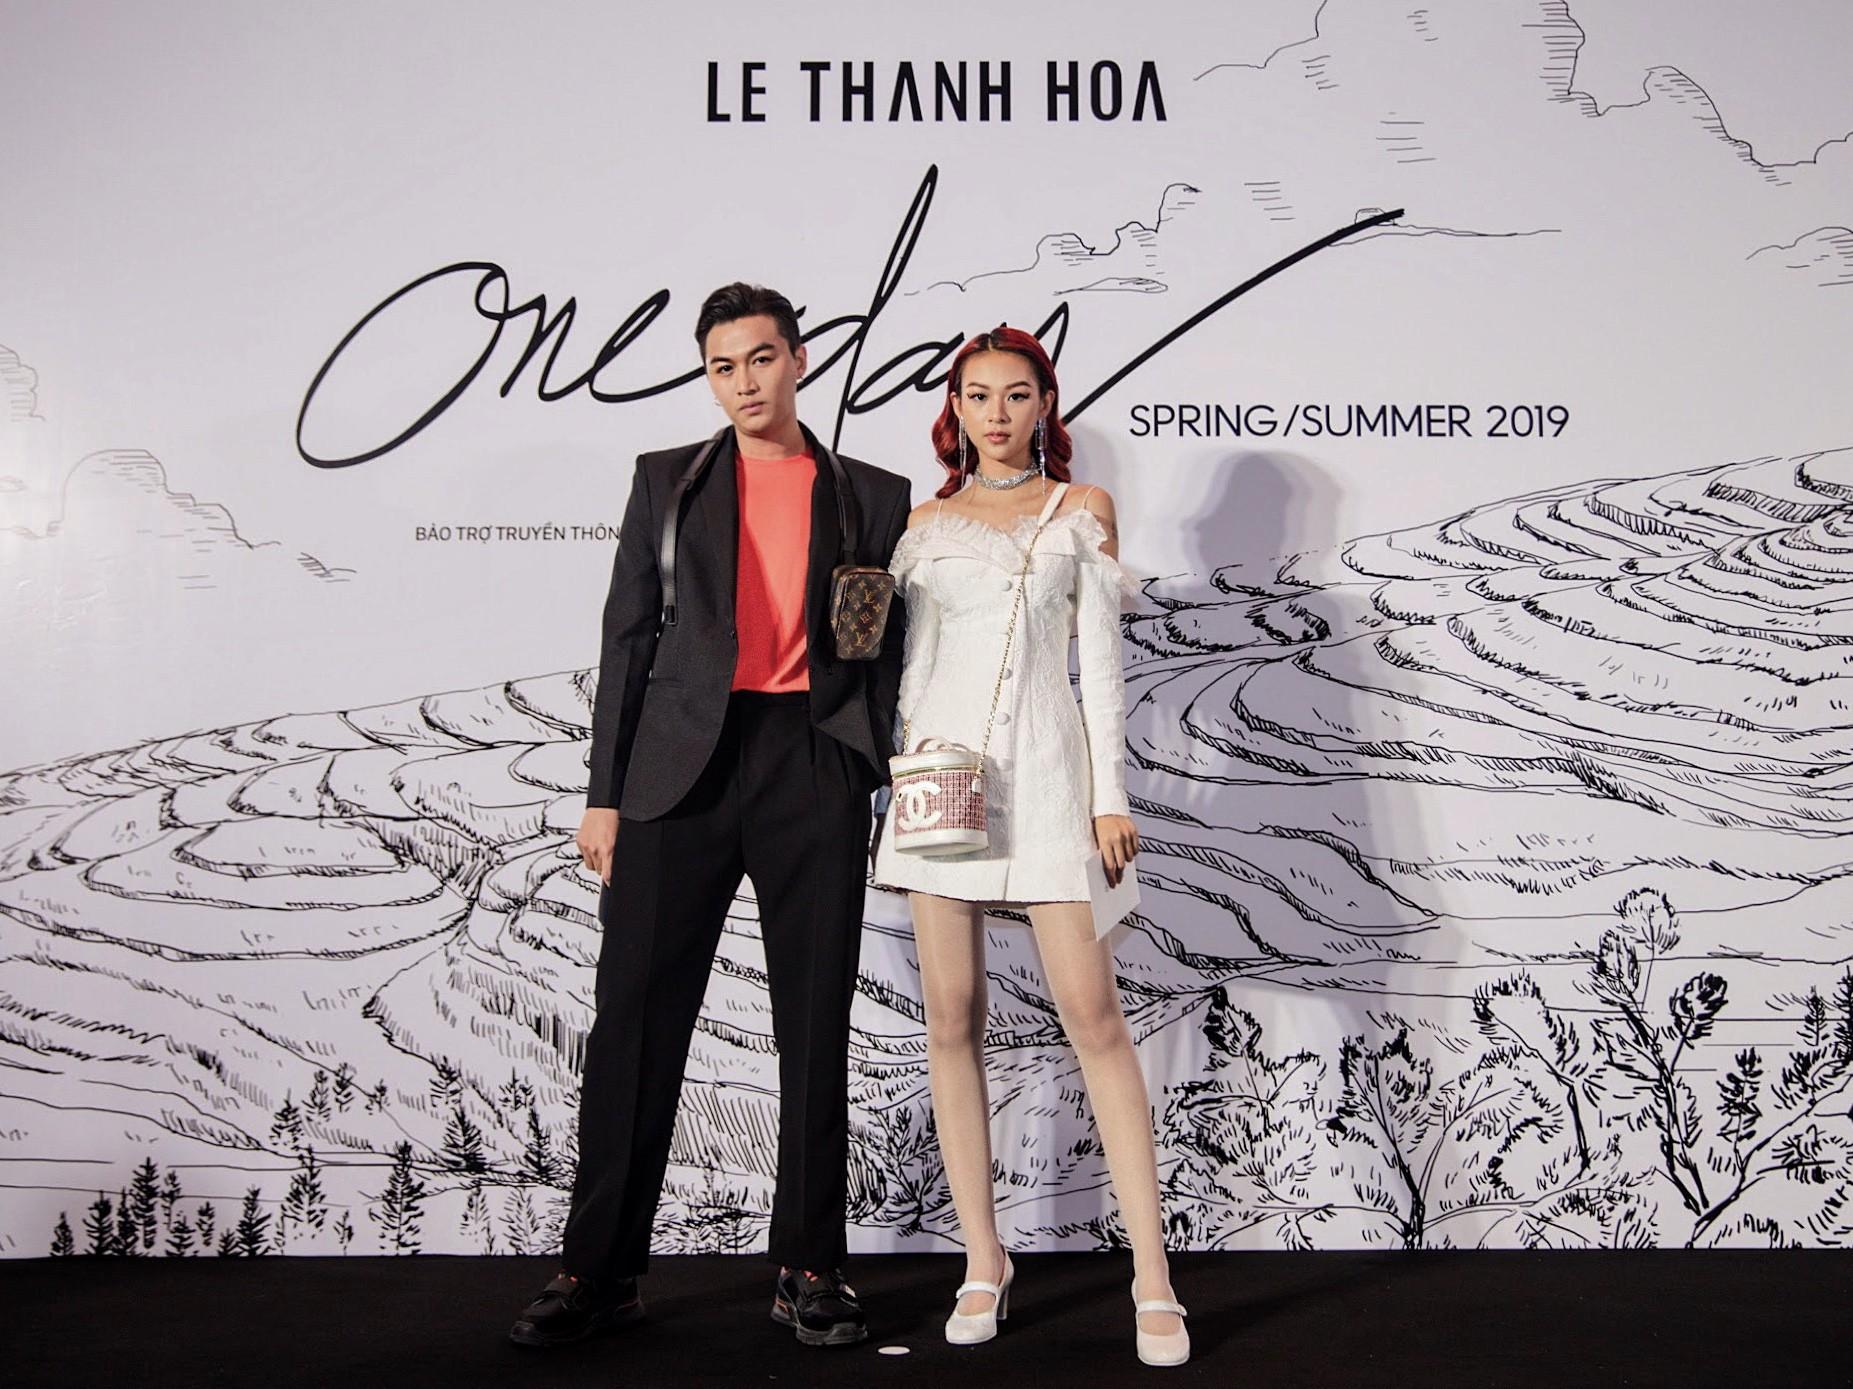 Giữa một dàn mỹ nhân giật giũ như Hari và Jun Vũ, Hoa hậu Đặng Thu Thảo giản dị mà vẫn trội bật - Ảnh 15.